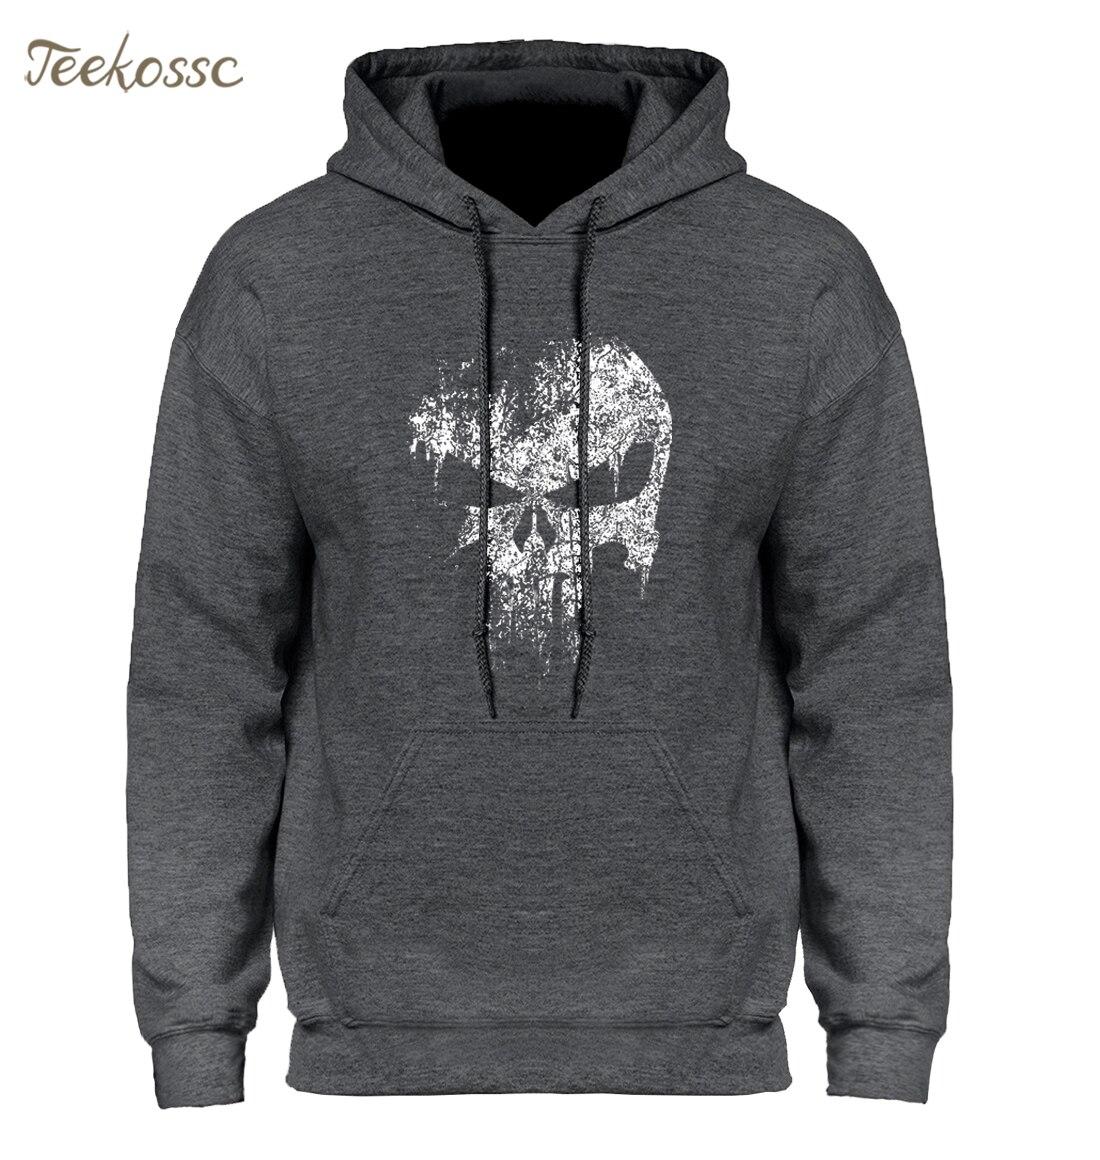 Skull Print Super Hero Hoodie Hoodies Sweatshirt Men 2020 New Brand Winter Autumn Hooded Hoody Hip Hop Streetwear